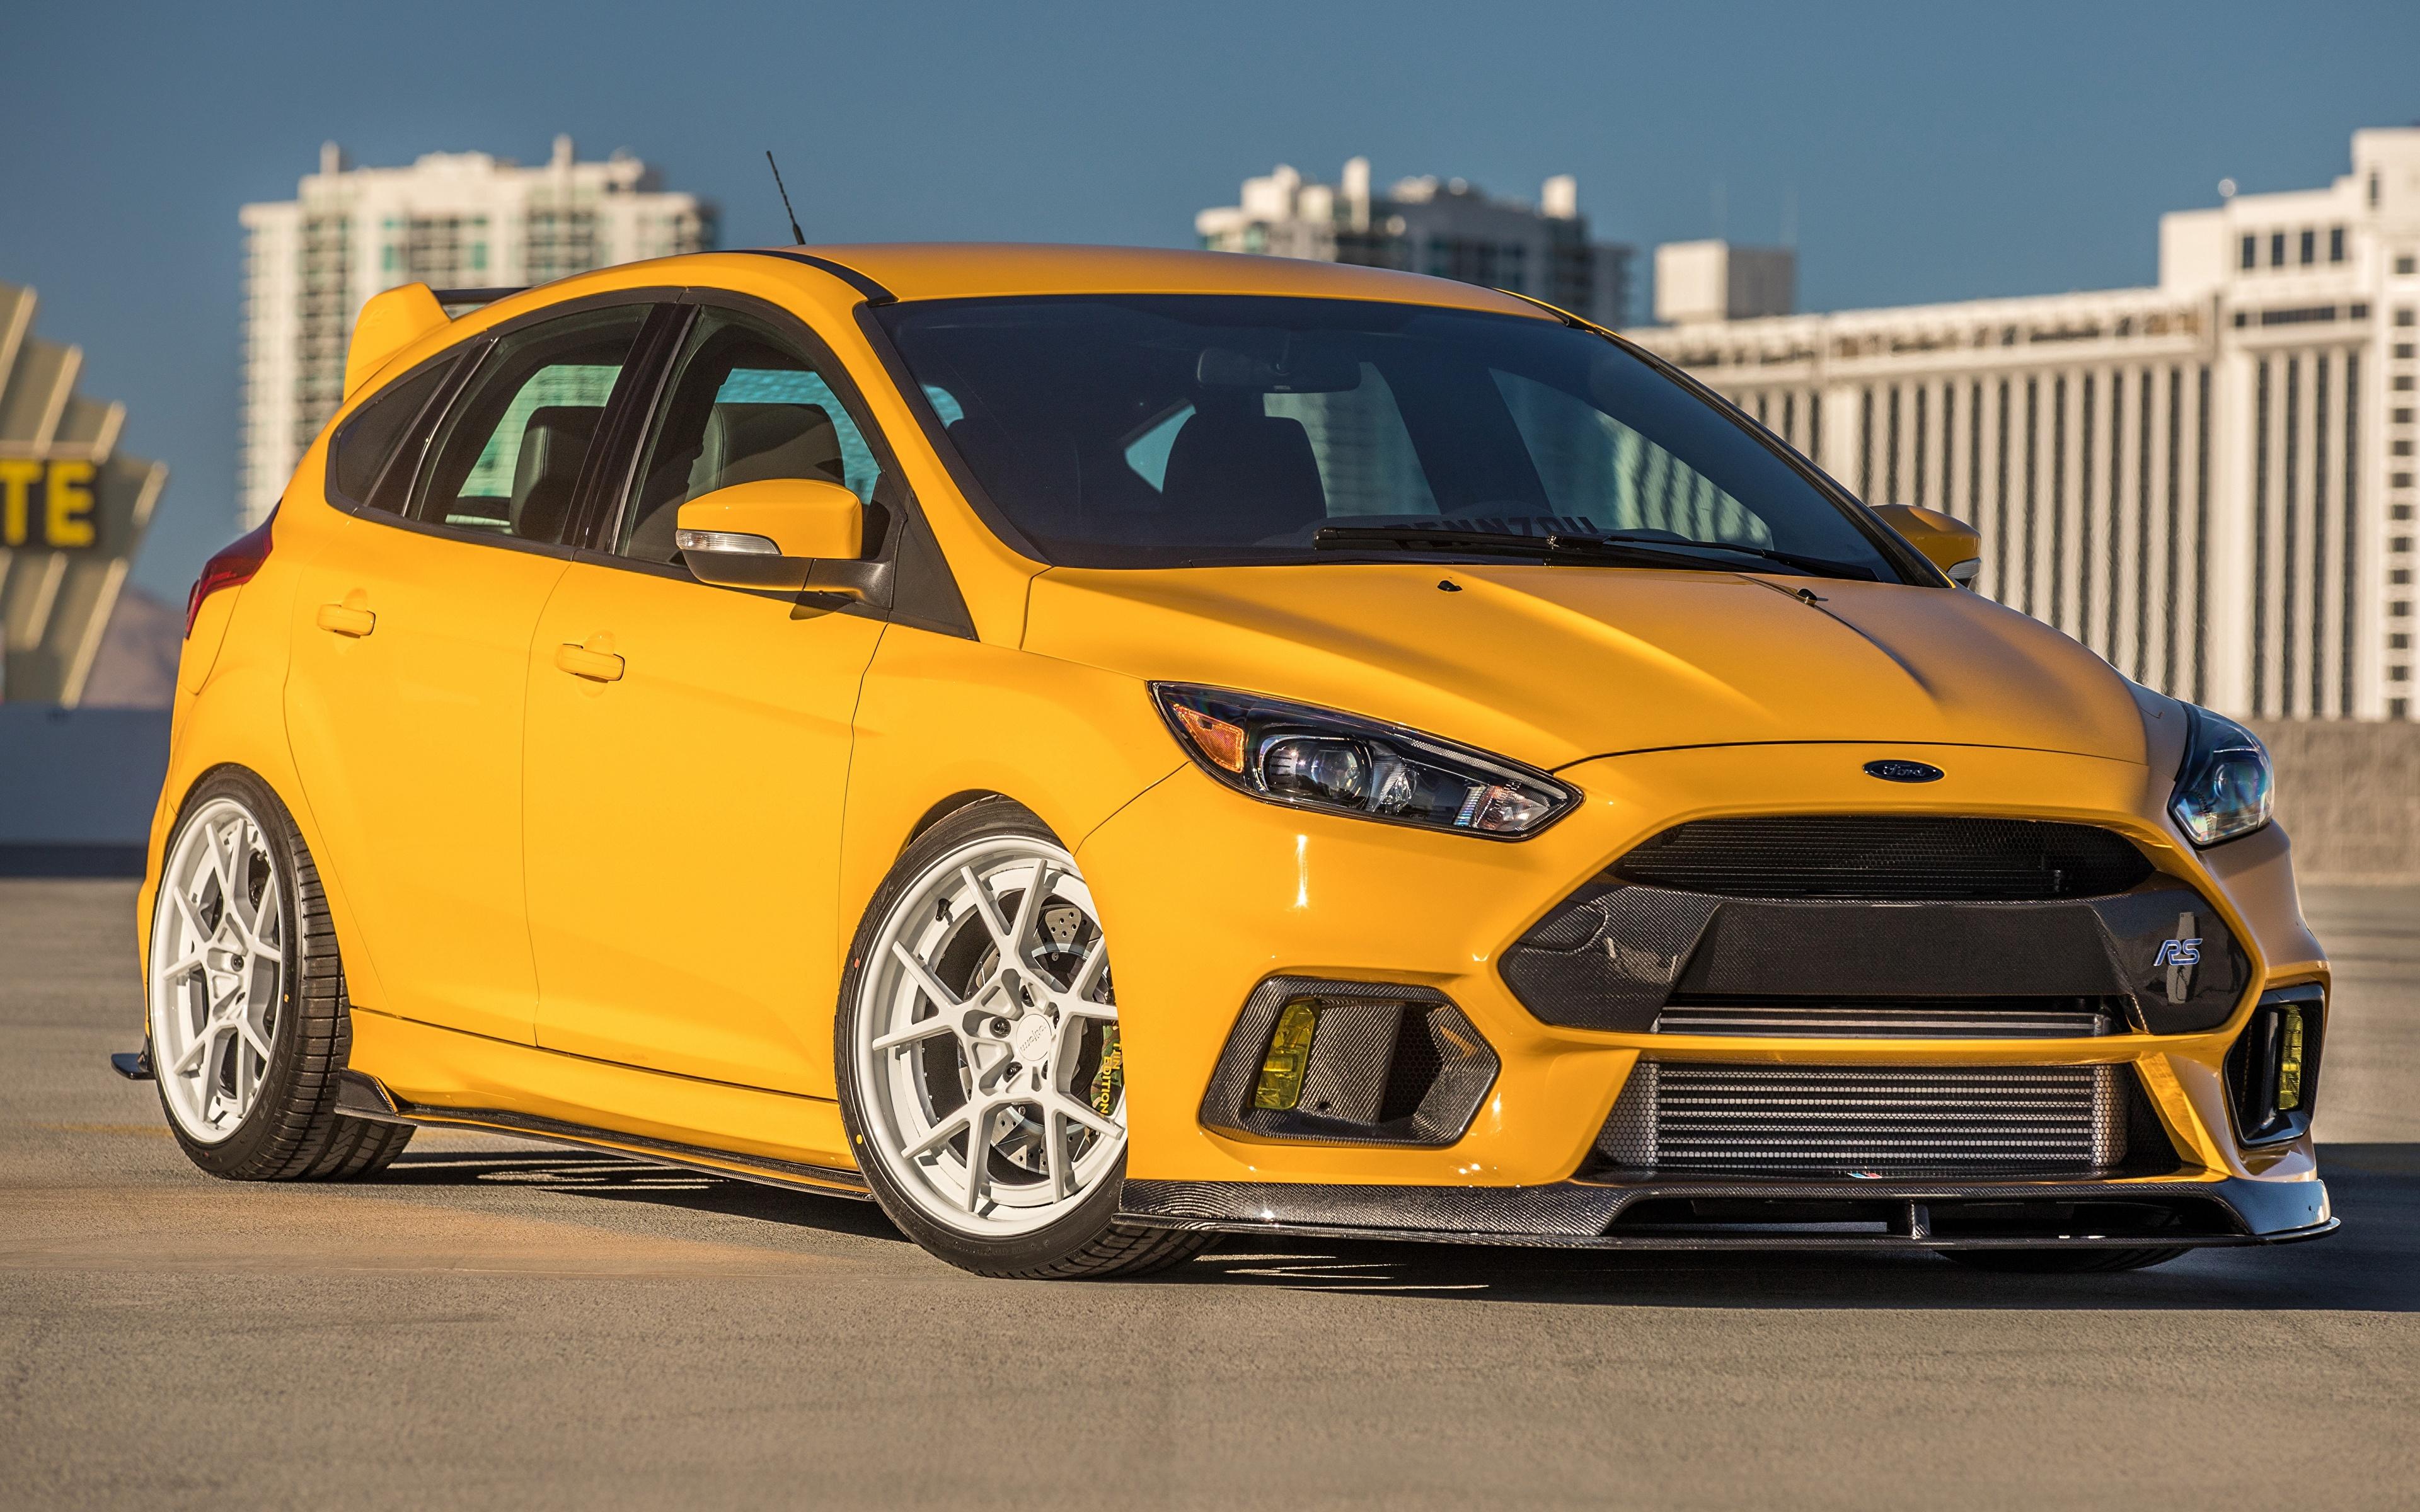 Fondos De Pantalla 3840x2400 Ford 2017 Uti Focus Rs Amarillo Metalico Coches Descargar Imagenes